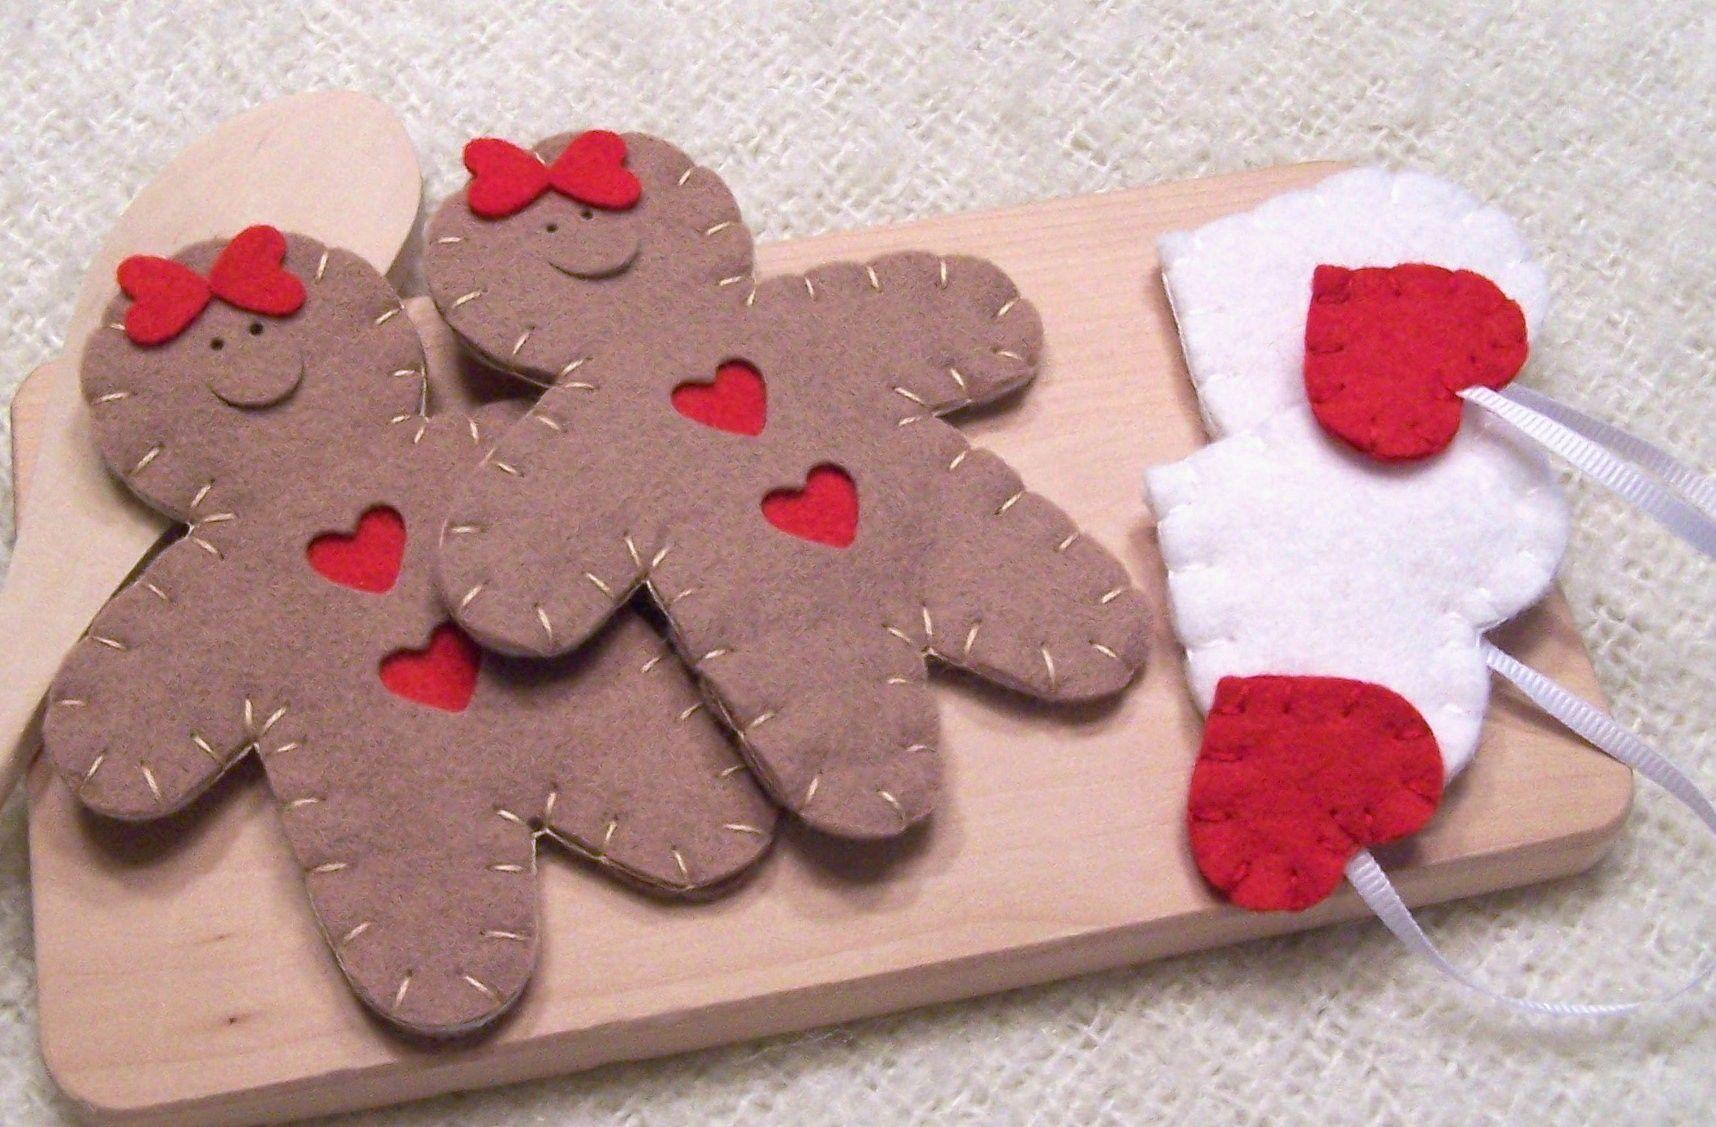 Wool Felt Play Food - Tea Bags and Gingerbread Girl Cookies